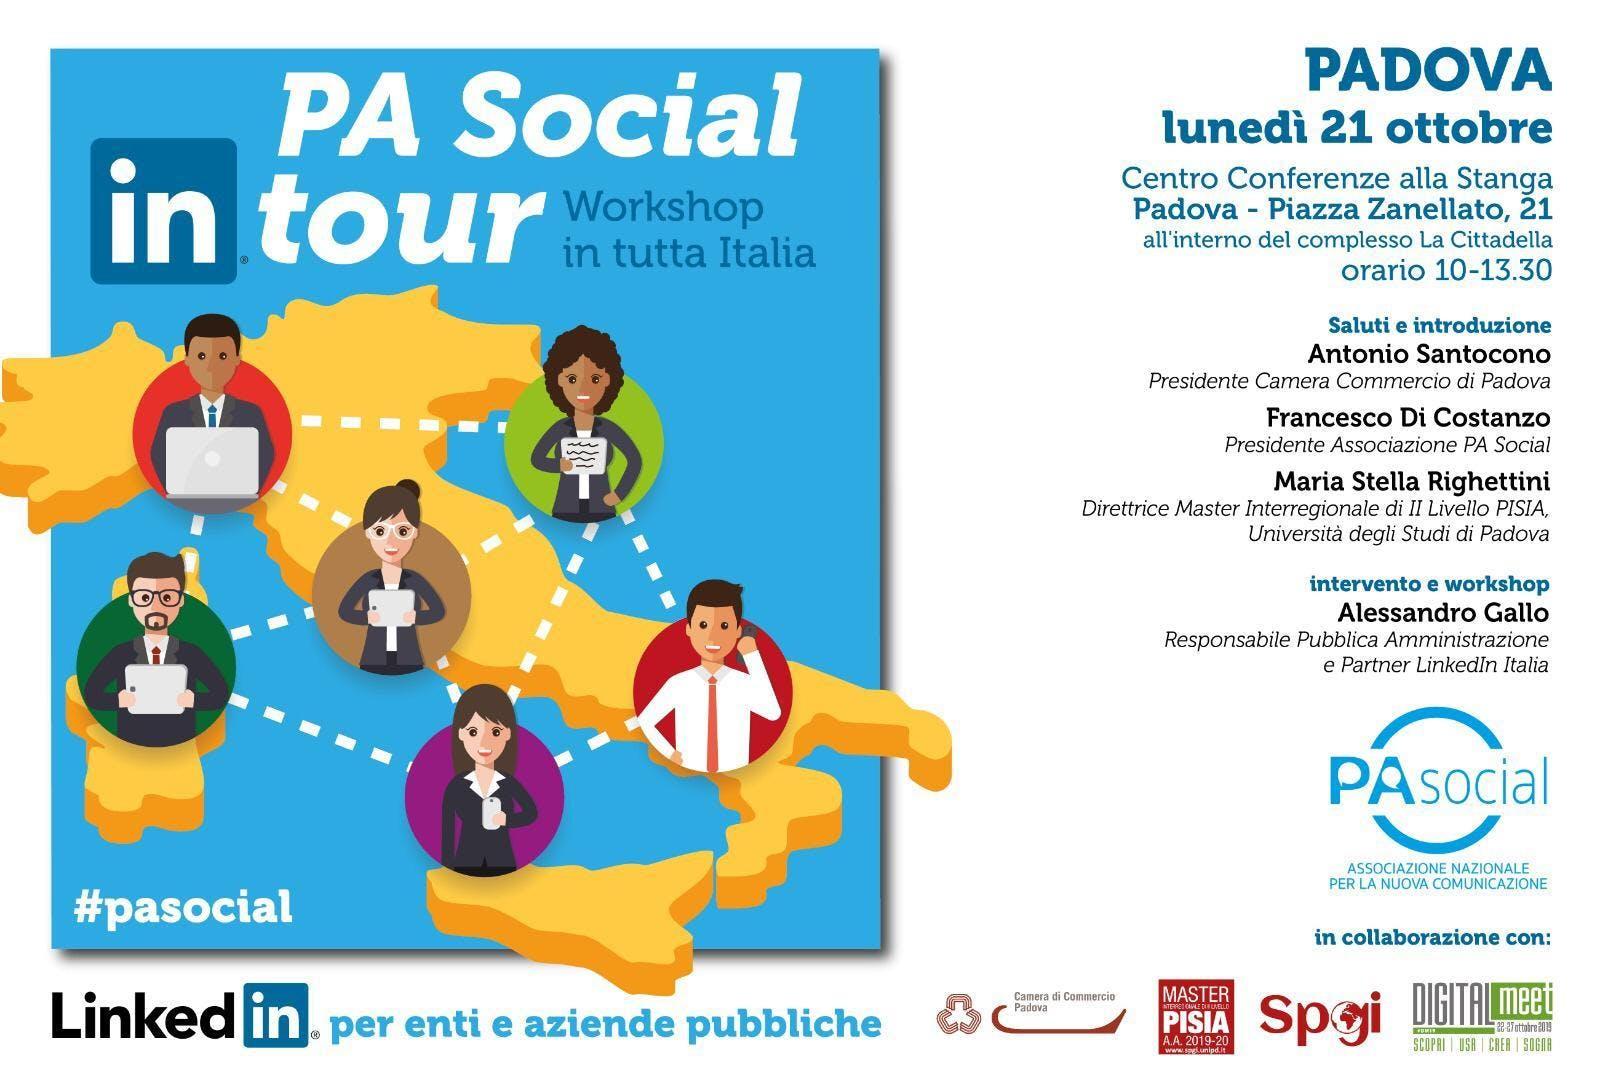 PA Social In Tour (Padova) - LinkedIn per enti e aziende pubbliche